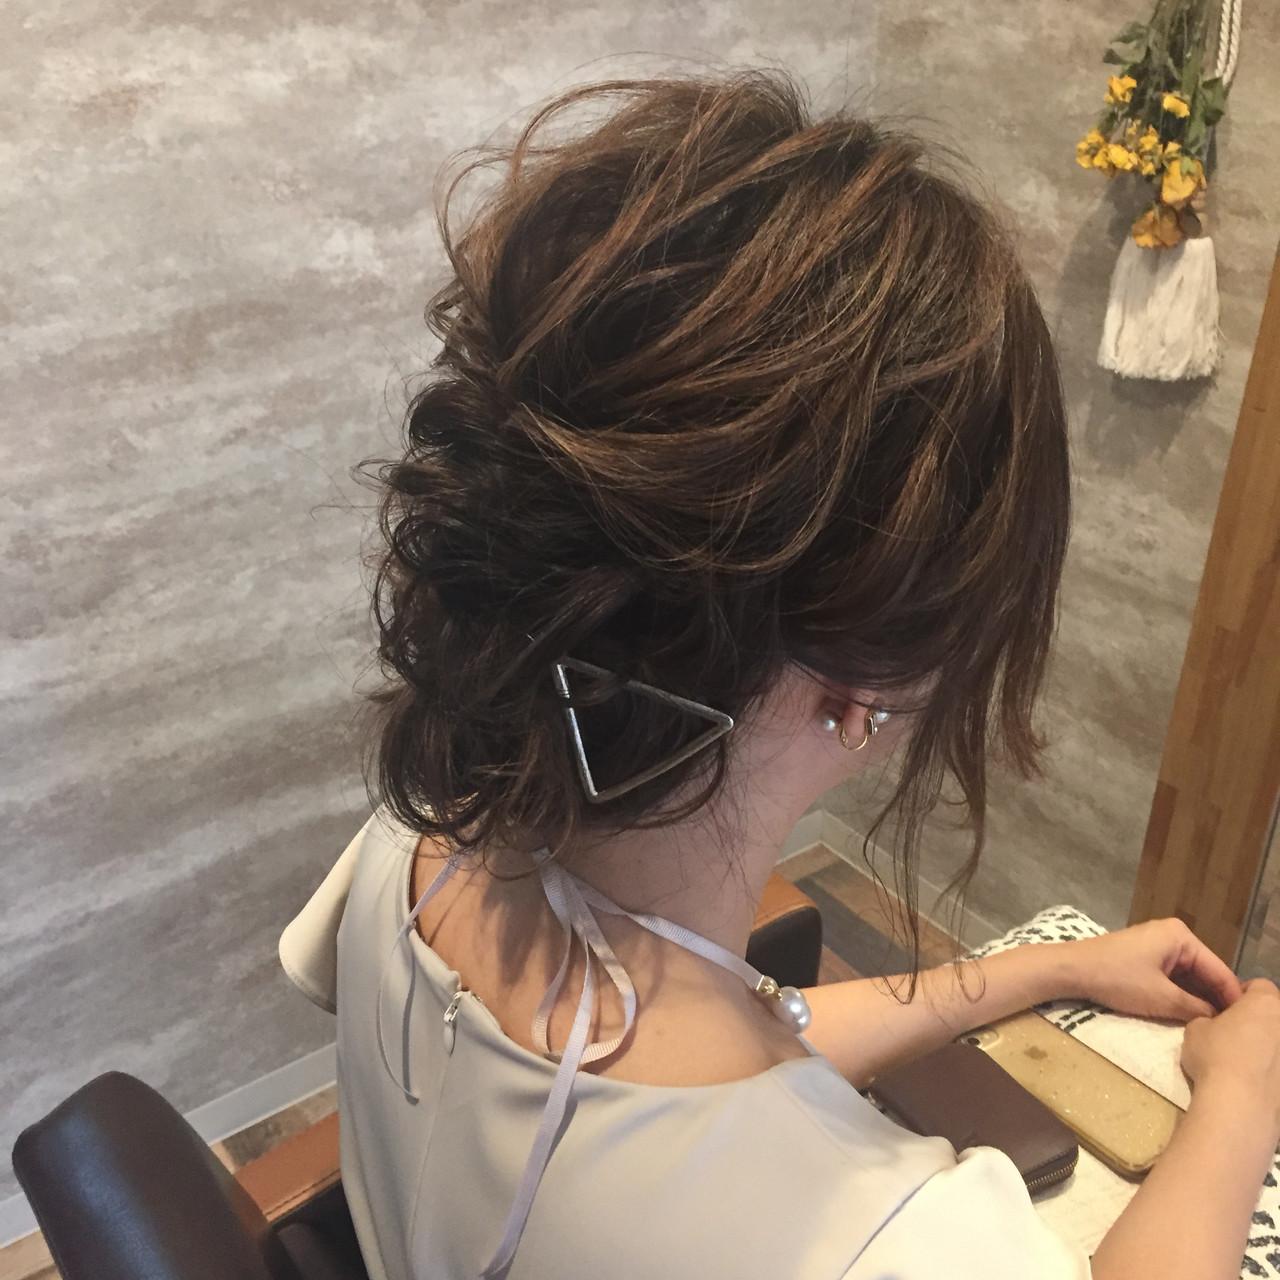 ヘアアレンジ 成人式 ナチュラル 結婚式 ヘアスタイルや髪型の写真・画像 | Aco / atelierAmeRi